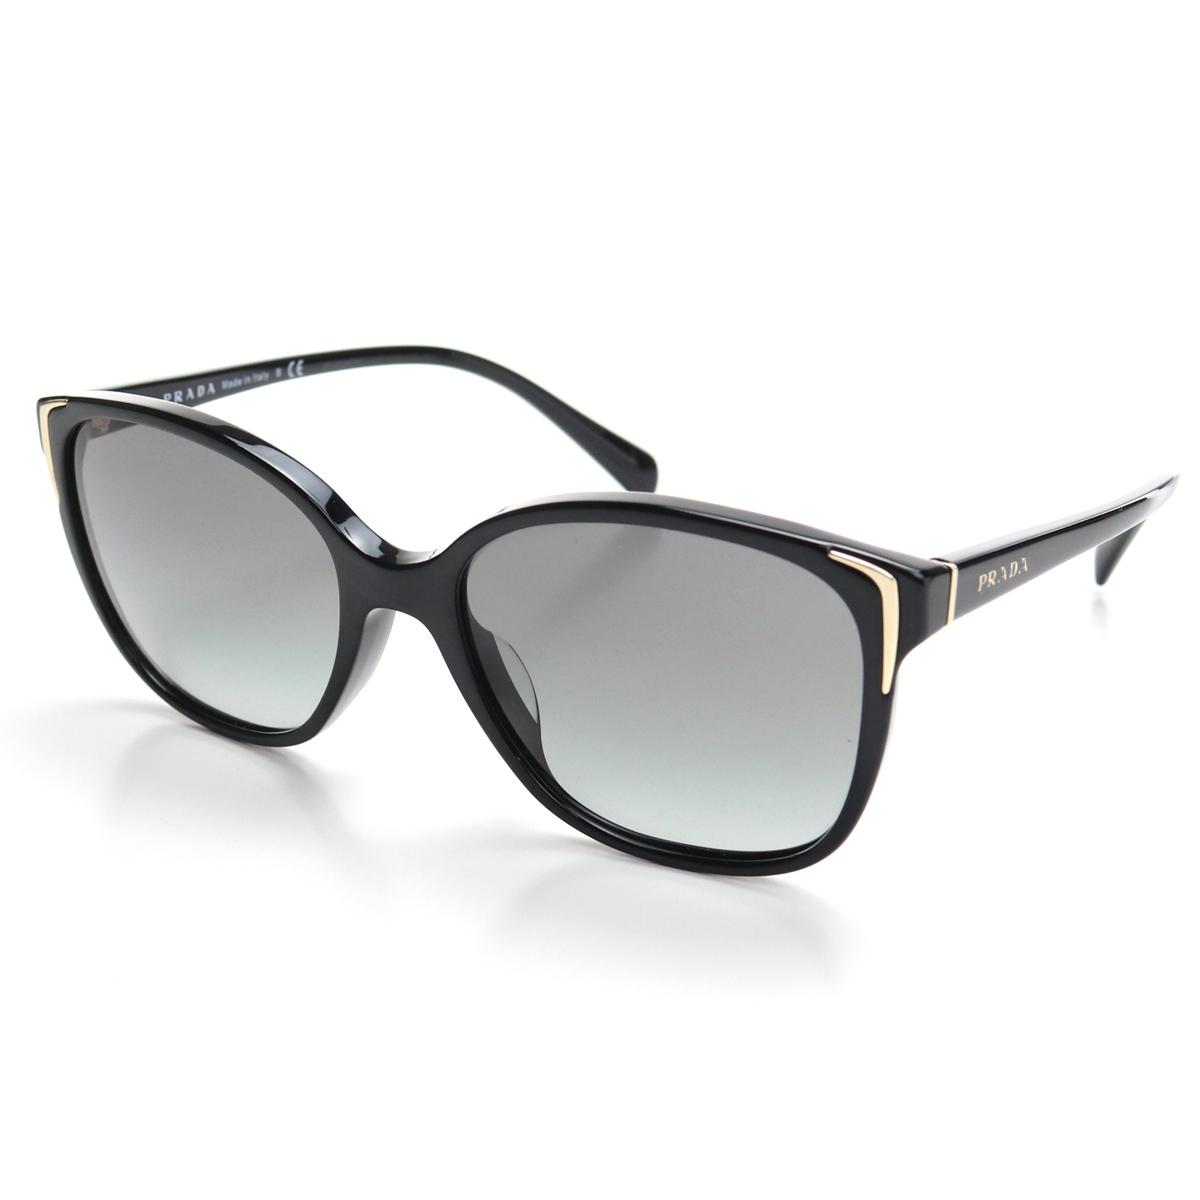 プラダ PRADA ウェリントン サングラス SPR01O-A 1AB-3M1 ブラック 【メンズ】【レディース】